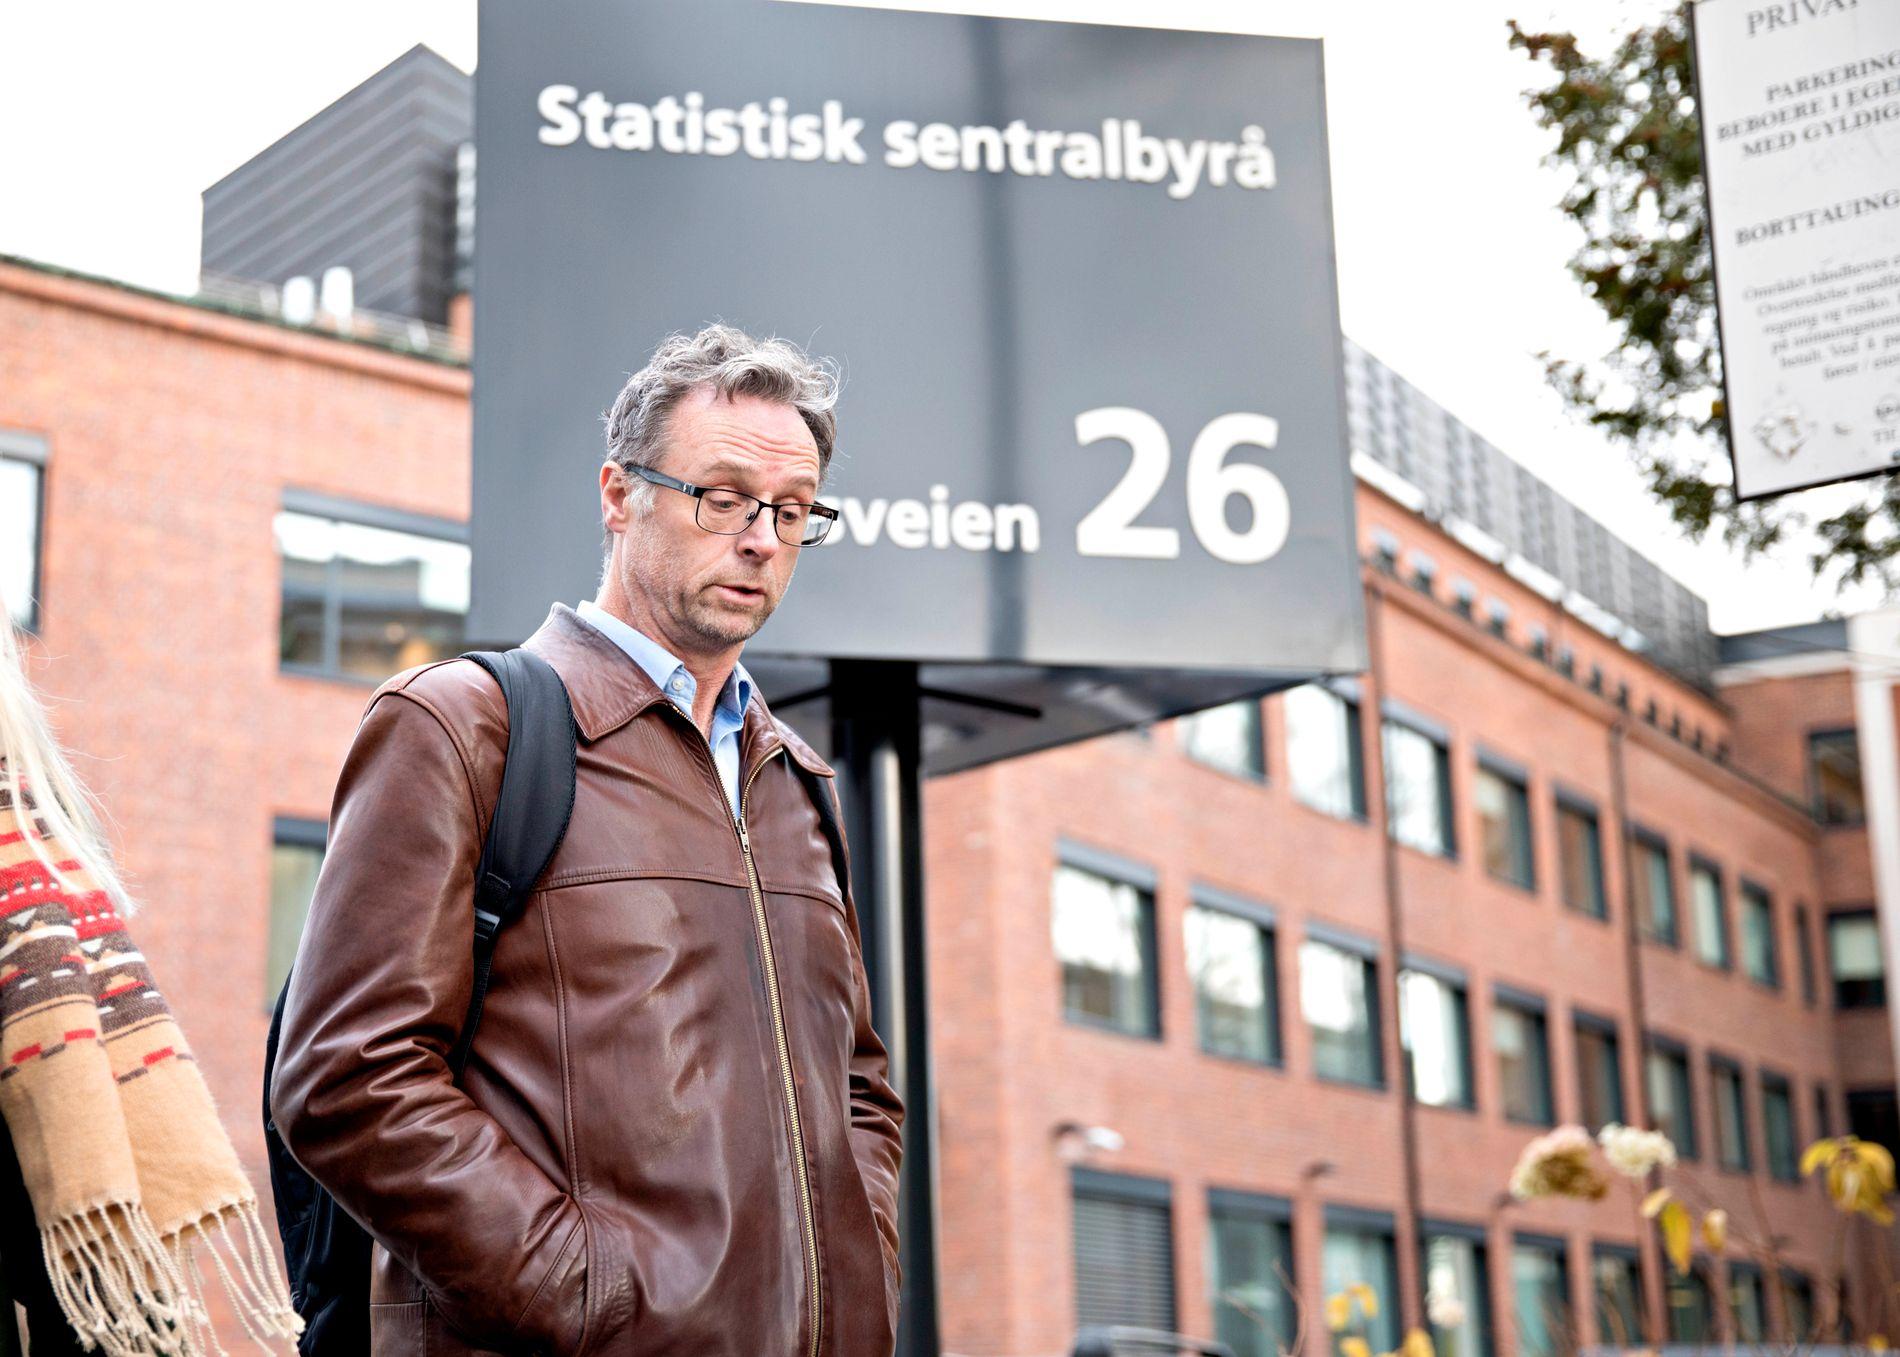 FORSKAREN: SSB-forskar Erling Holmøy har, som «innvandringsrekneskapens far», blitt populær i Frp-krinsar. Han vil bli eit sentralt tema i onsdagens høyring i kontrollkomiteen.